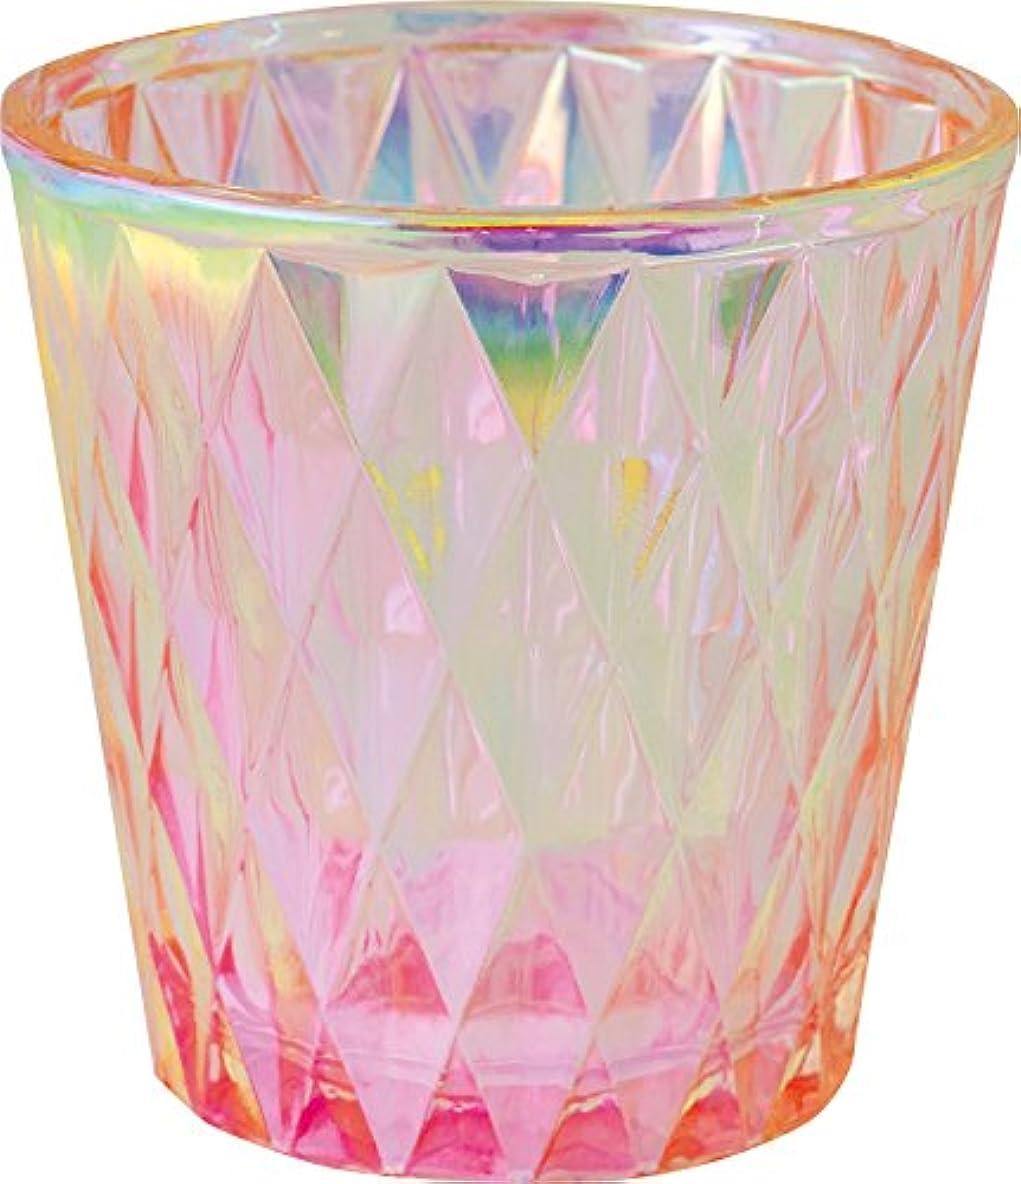 韻夜間熱狂的なカメヤマキャンドルハウス オーロラダイヤグラス キャンドルフォルダー ピンク